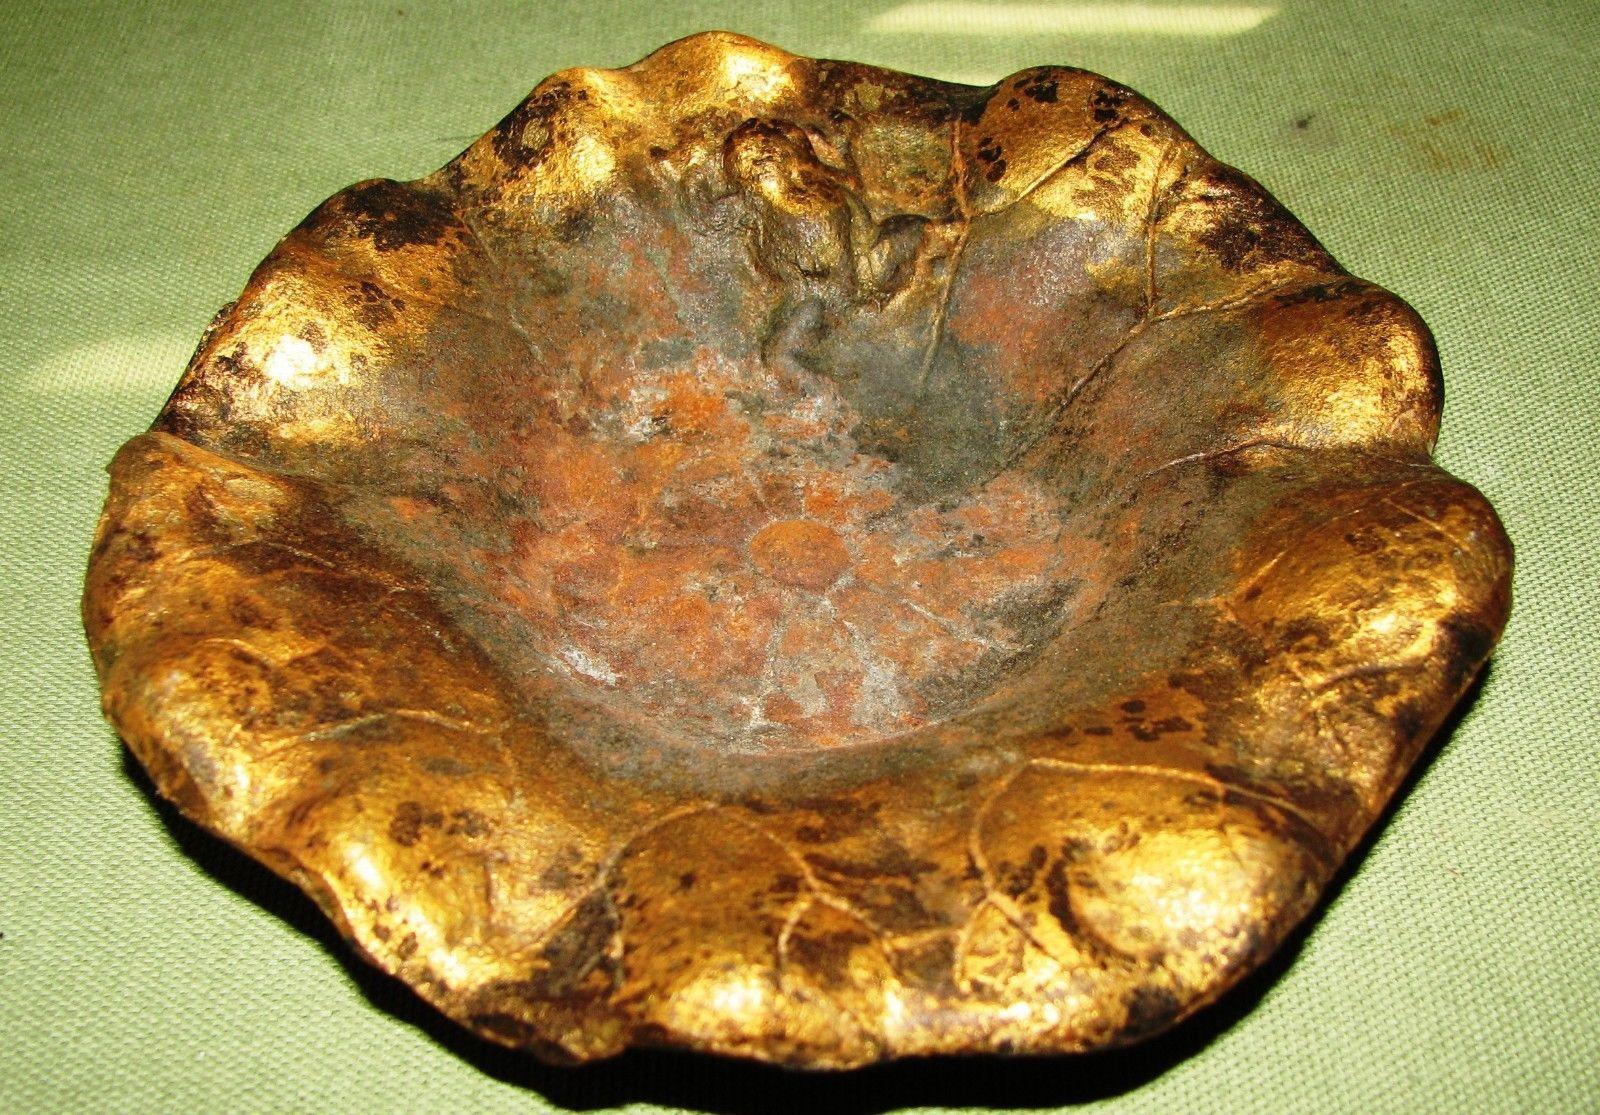 Vintage cast iron lotus flower wfrog ashtray coffee mugs vintage cast iron lotus flower wfrog ashtray izmirmasajfo